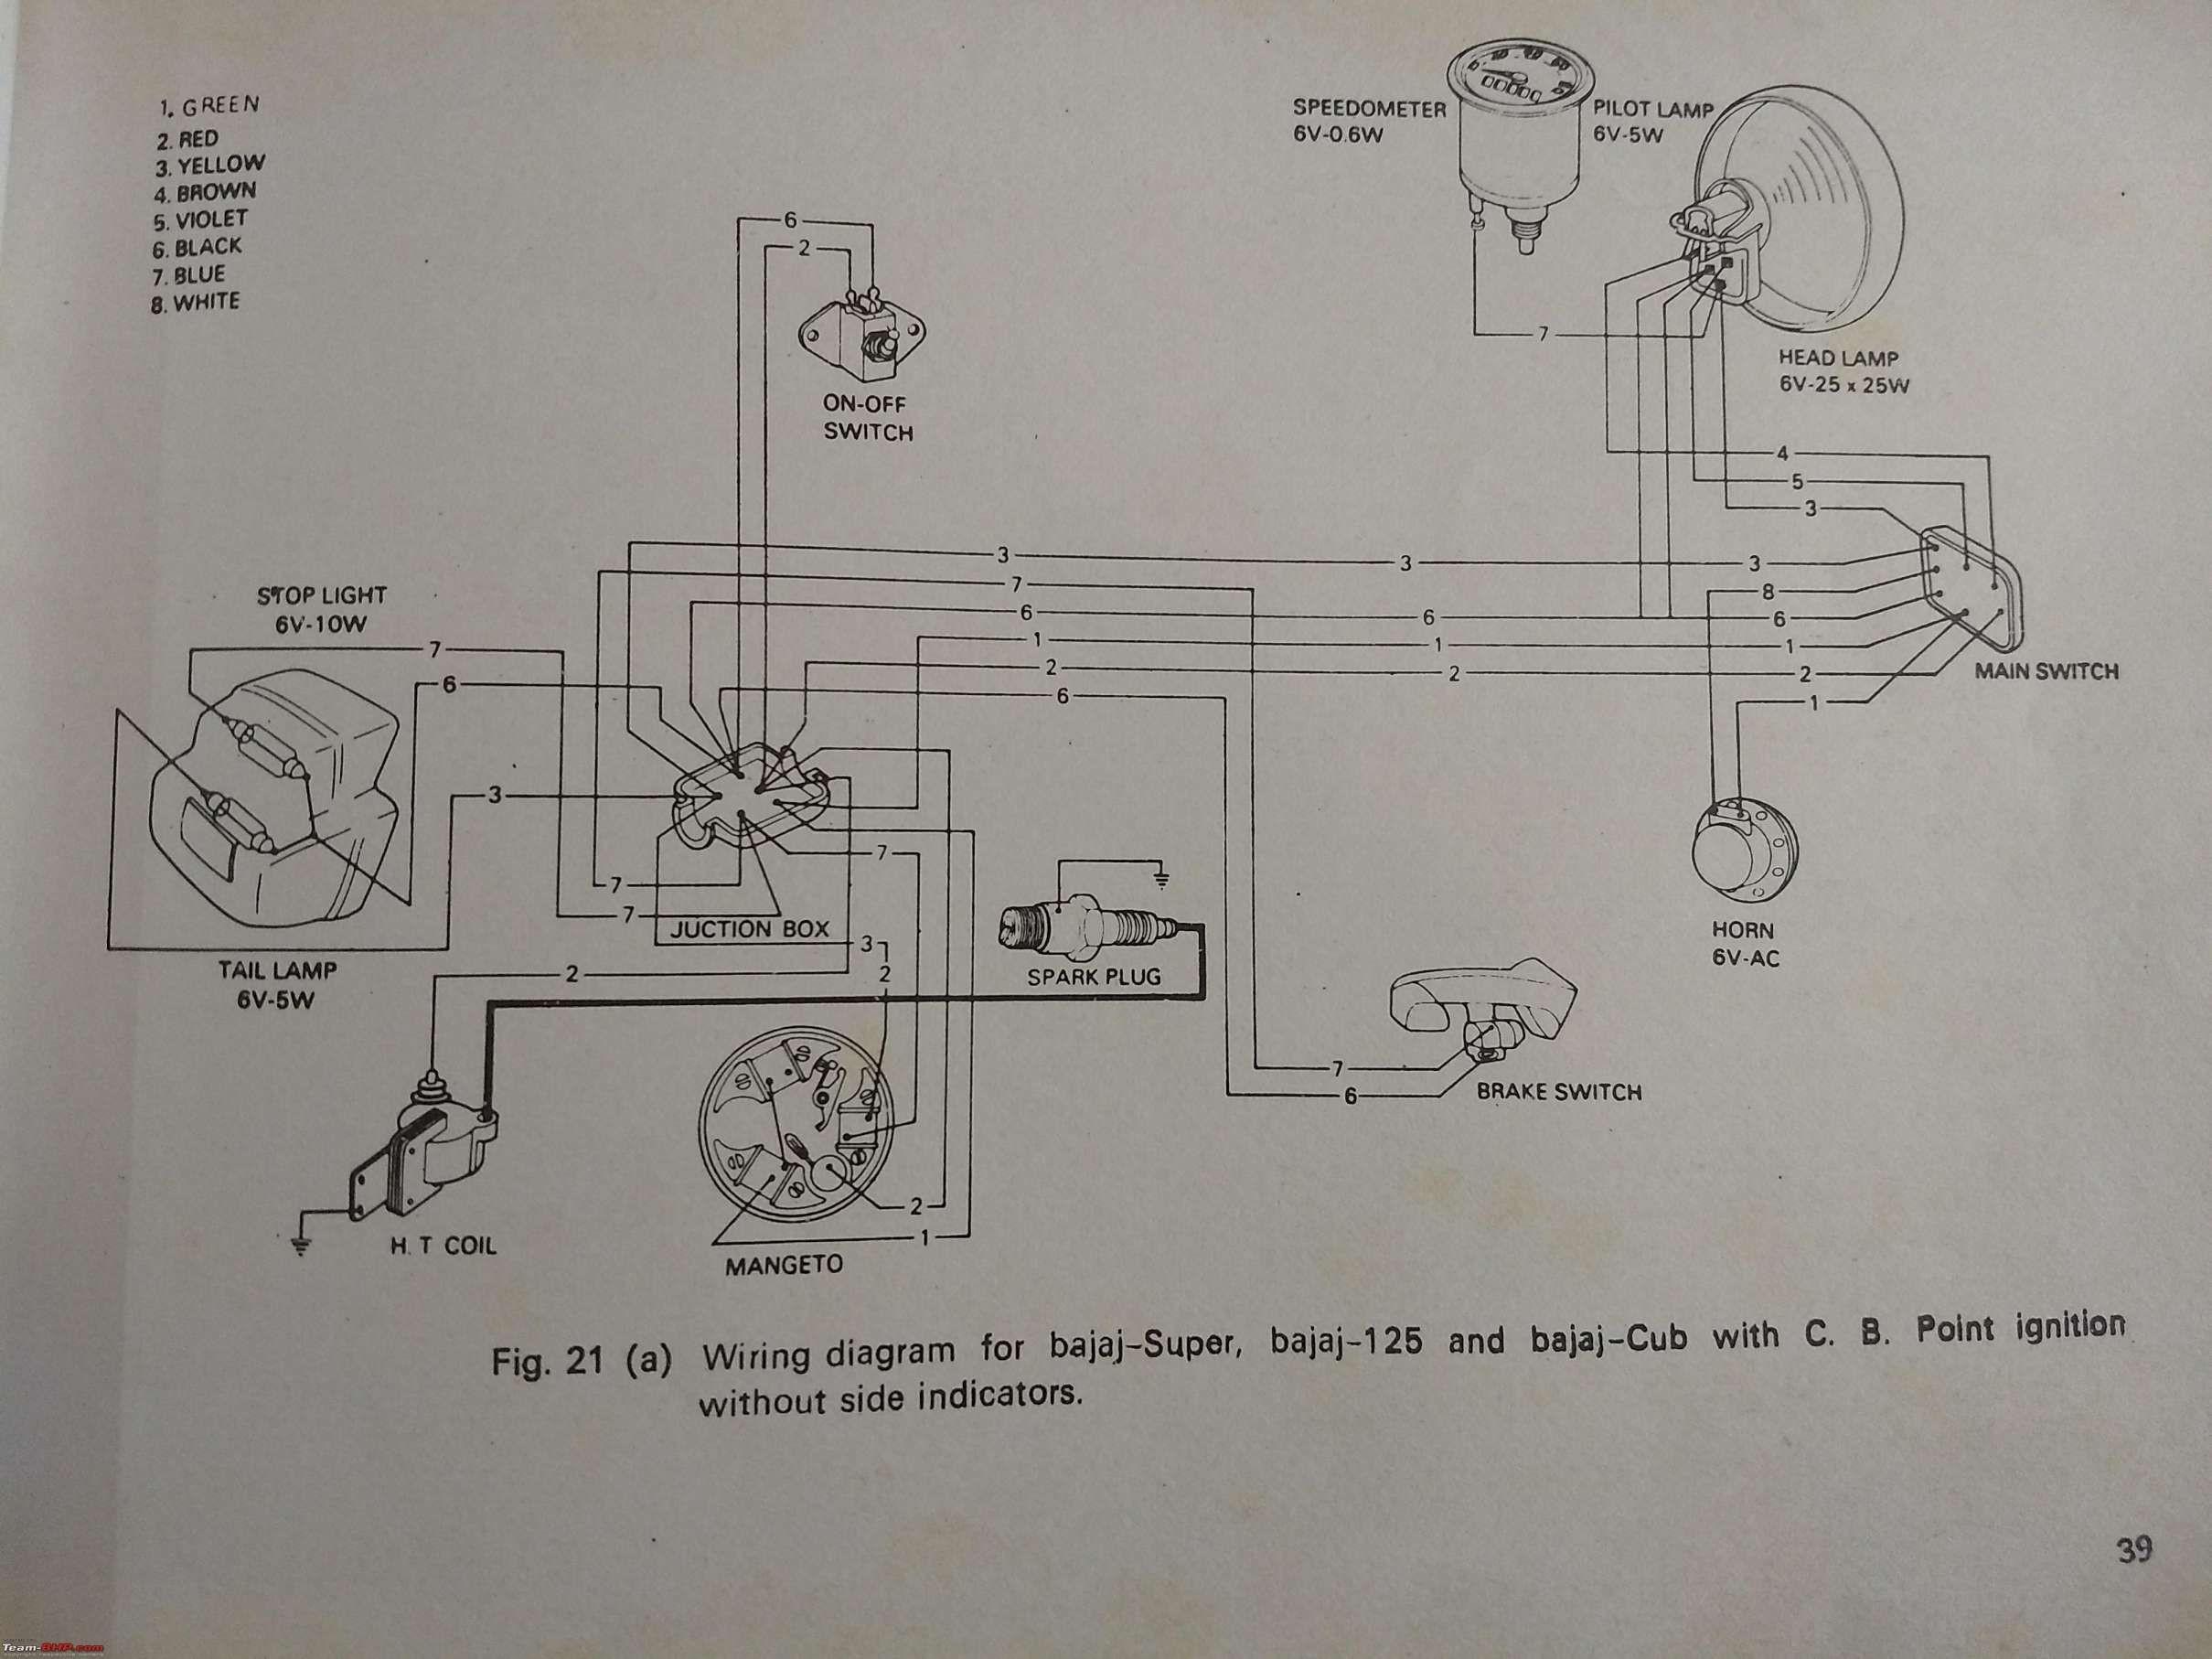 2 Prong Flasher Wiring 12 Bajaj Pulsar 150 Electrical Wiring Diagram Wiring Of 2 Prong Flasher Wiring